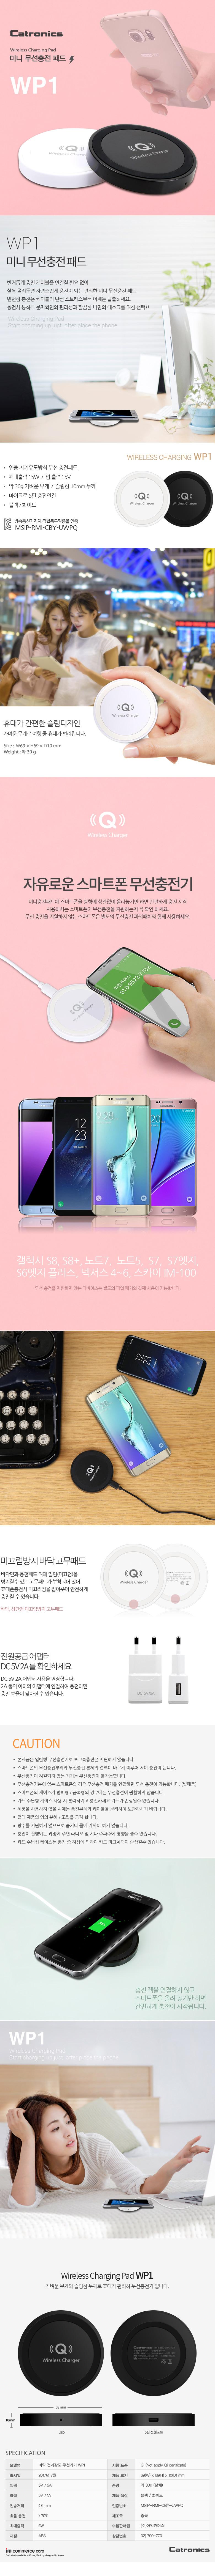 카트로닉스 핸드폰 미니 무선 충전 패드 WP1 - 셀탑코리아, 3,900원, 충전기, 무선충전기/패치